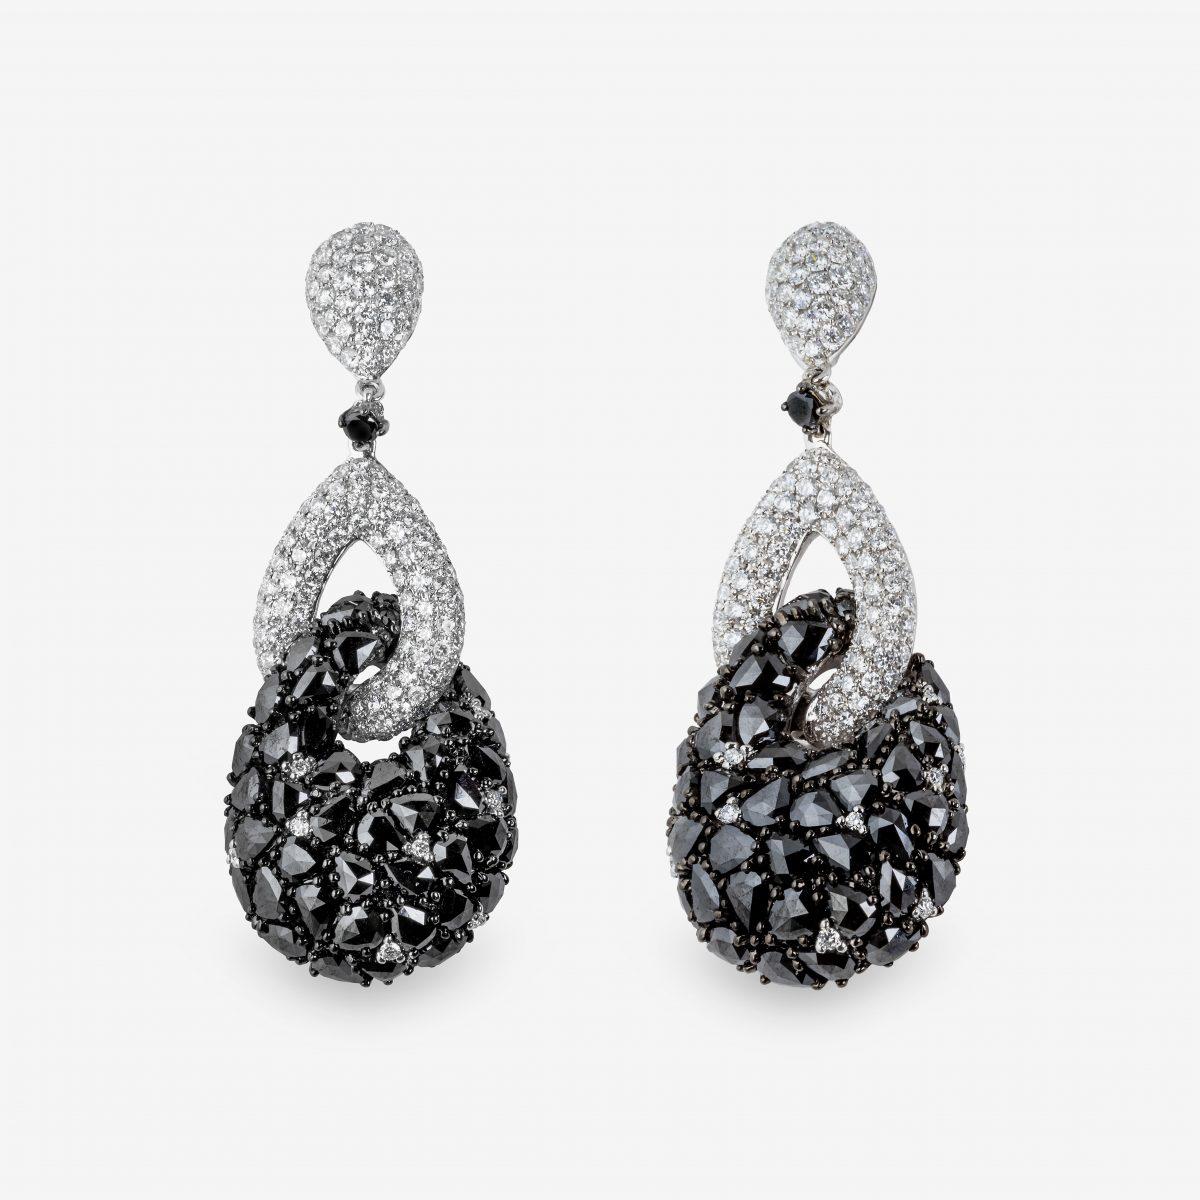 Pendientes oro blanco y diamantes blancos y negros 17,69 quilates.